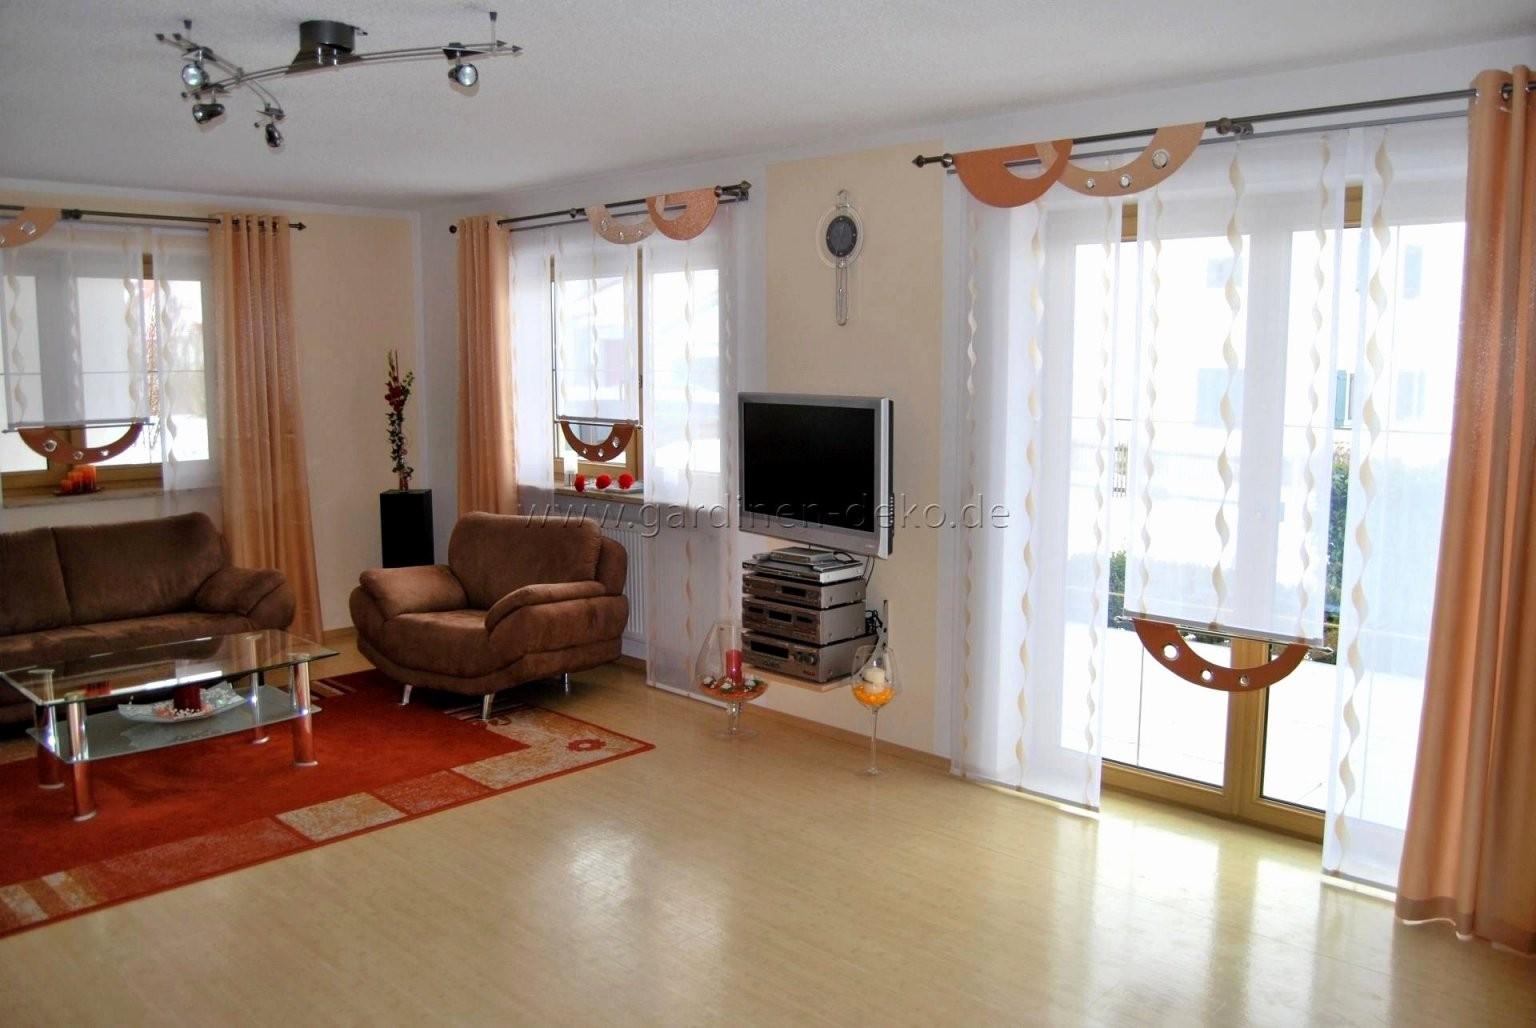 Gardinen Für Wohnzimmer Gewählt Groß Genial Vorhänge Für Wohnzimmer von Gardinen Für Wohnzimmer Mit Balkontür Photo